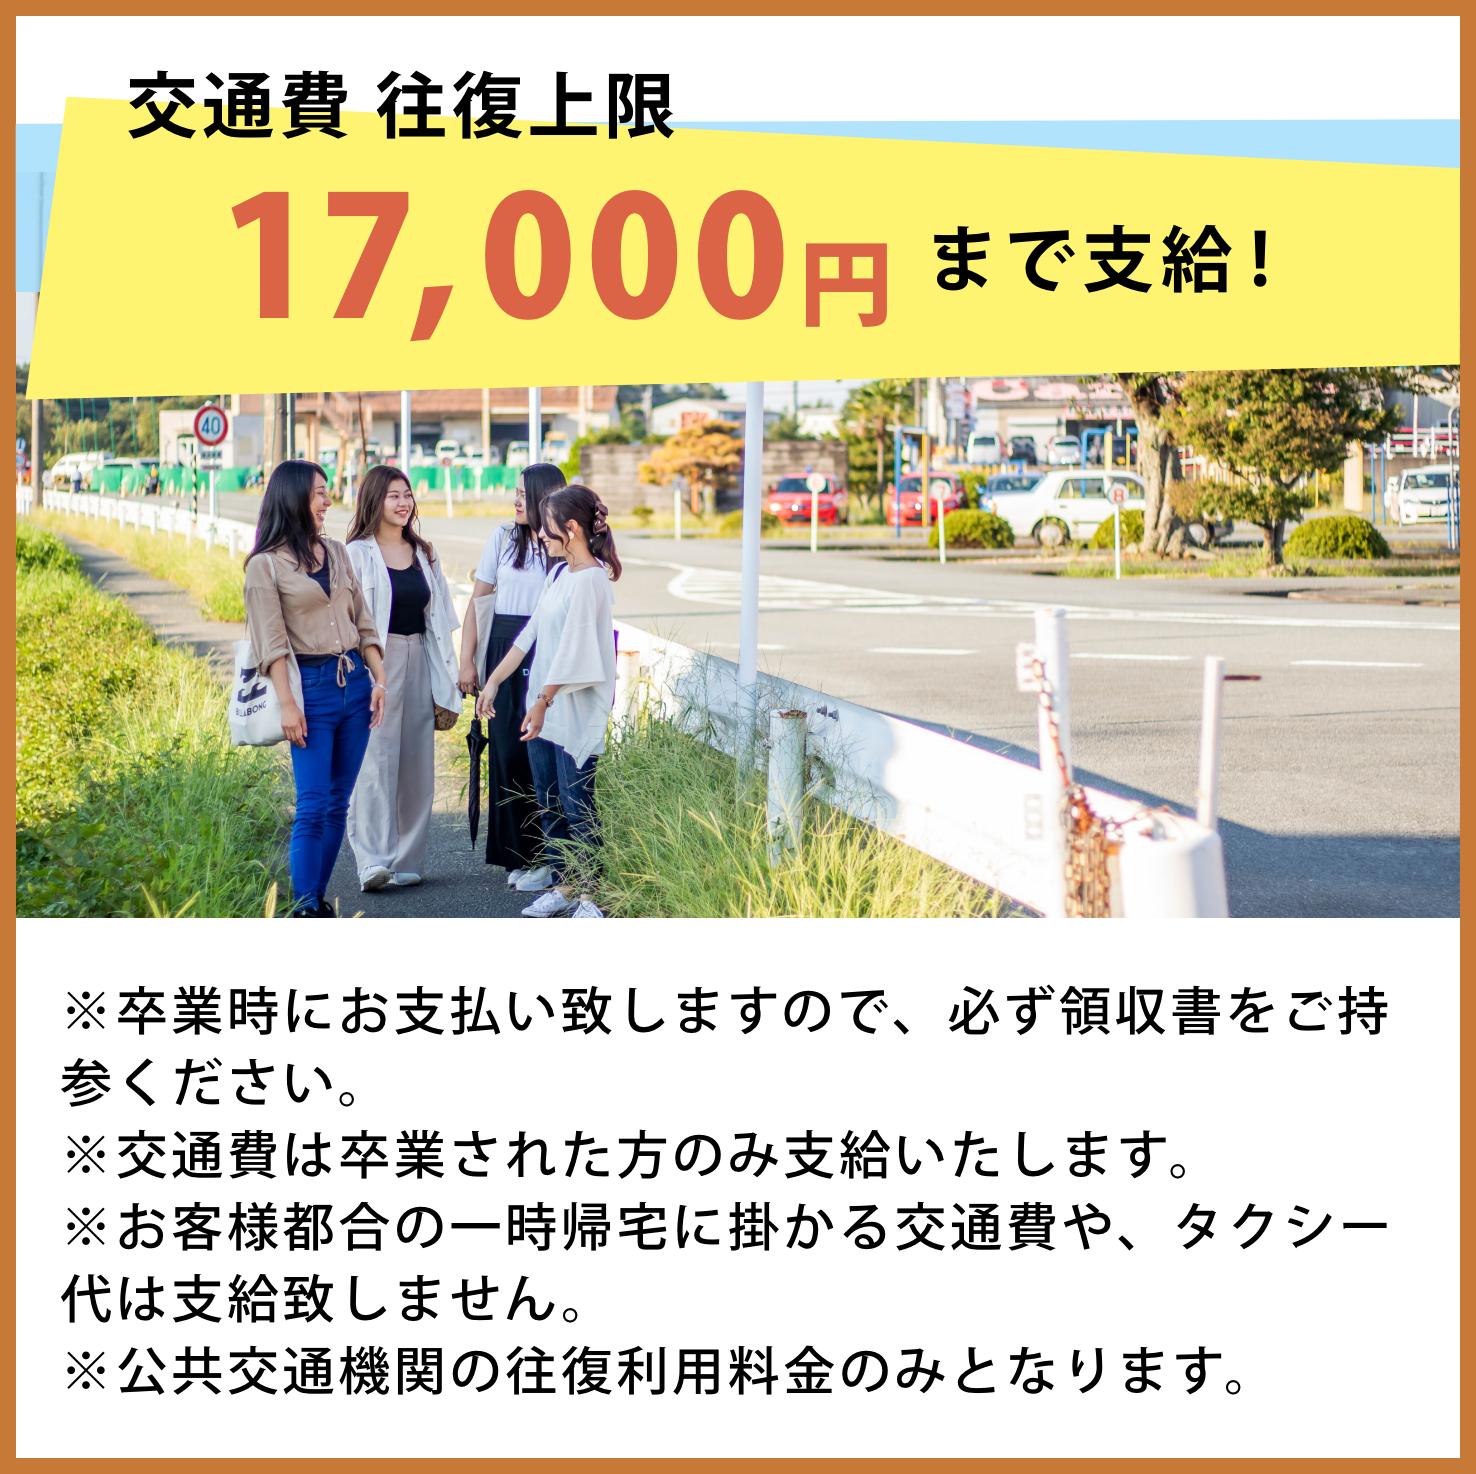 交通費往復上限17,000円まで支給いたします!